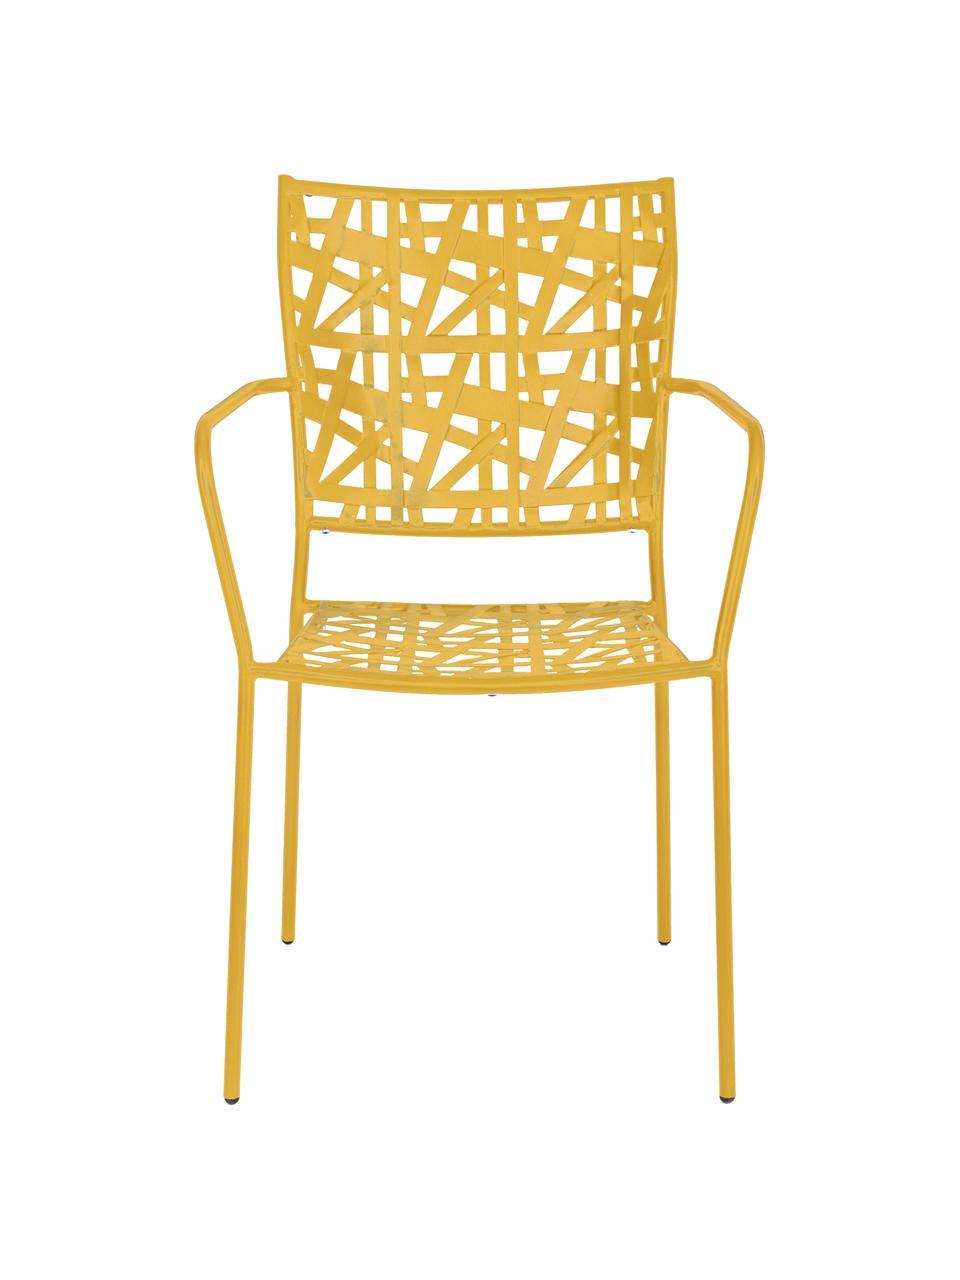 Krzesło ogrodowe z metalu Kelsie, Metal malowany proszkowo, Żółty, S 55 x G 54 cm